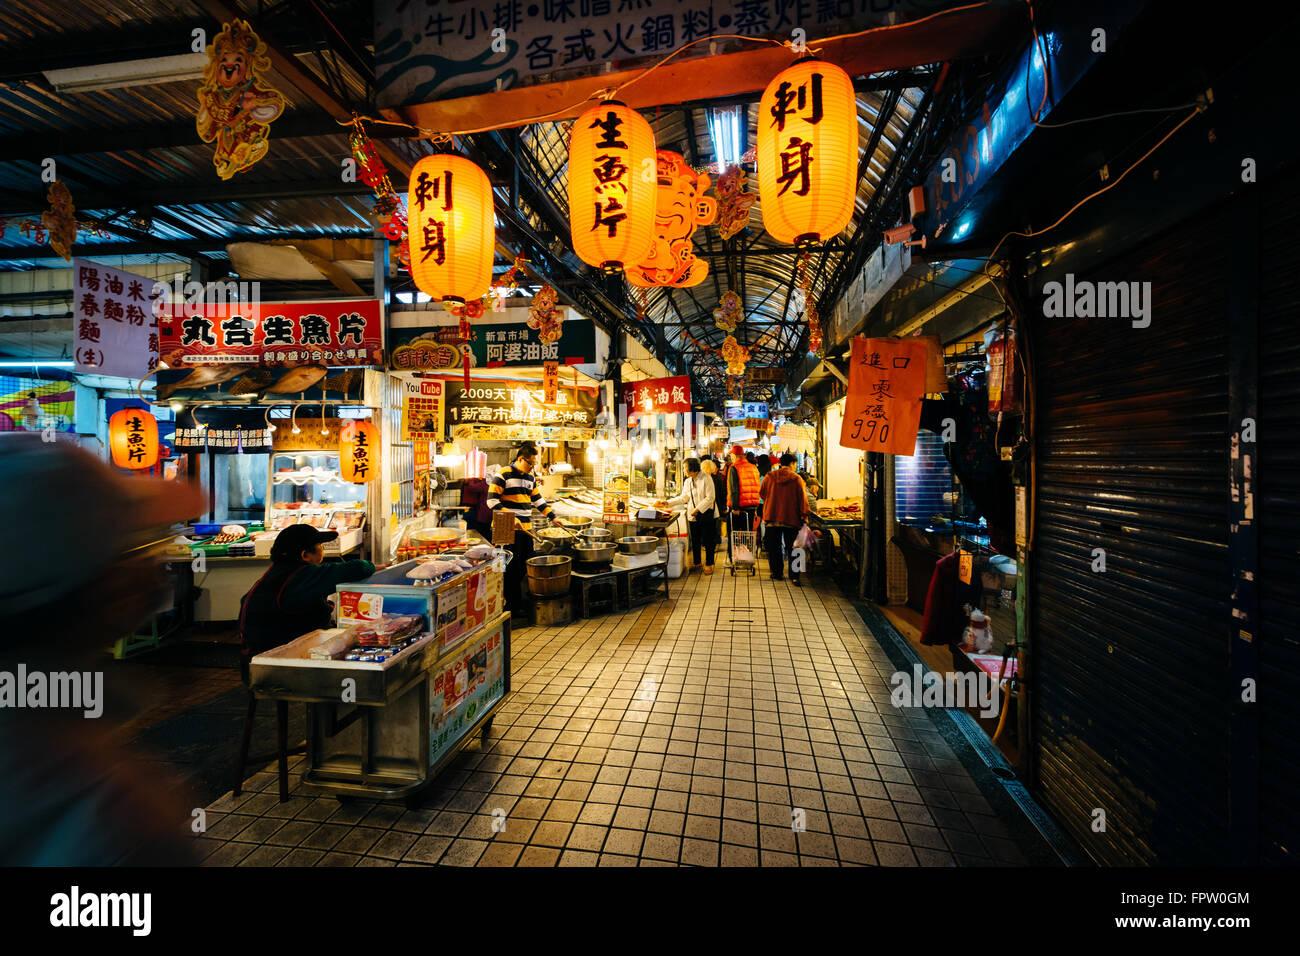 Le Dongsanshui Street Market, dans le quartier de Wanhua, à Taipei, Taiwan. Photo Stock